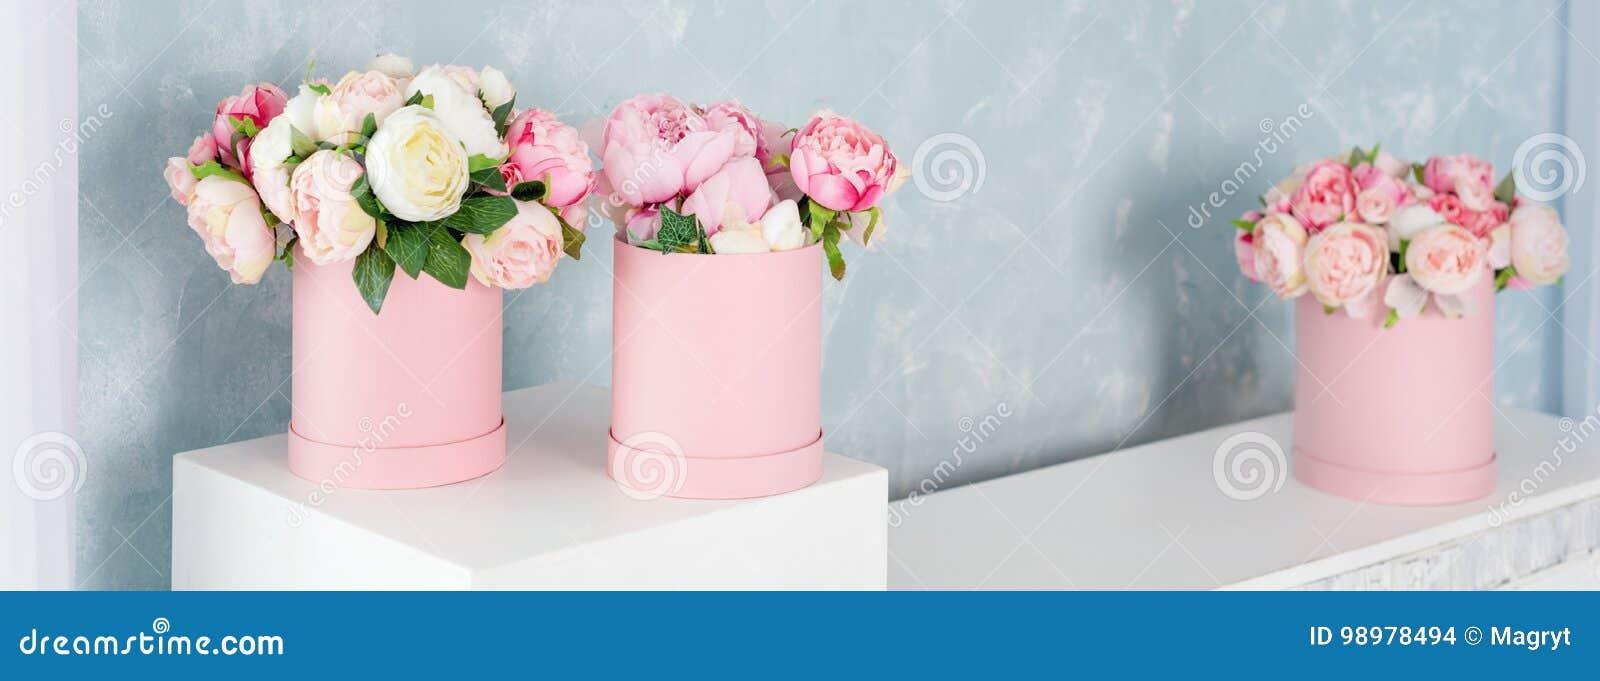 Blommor i runda lyxgåvaaskar Bukett av rosa och vita pioner i pappers- ask Modell av hattasken av blommor